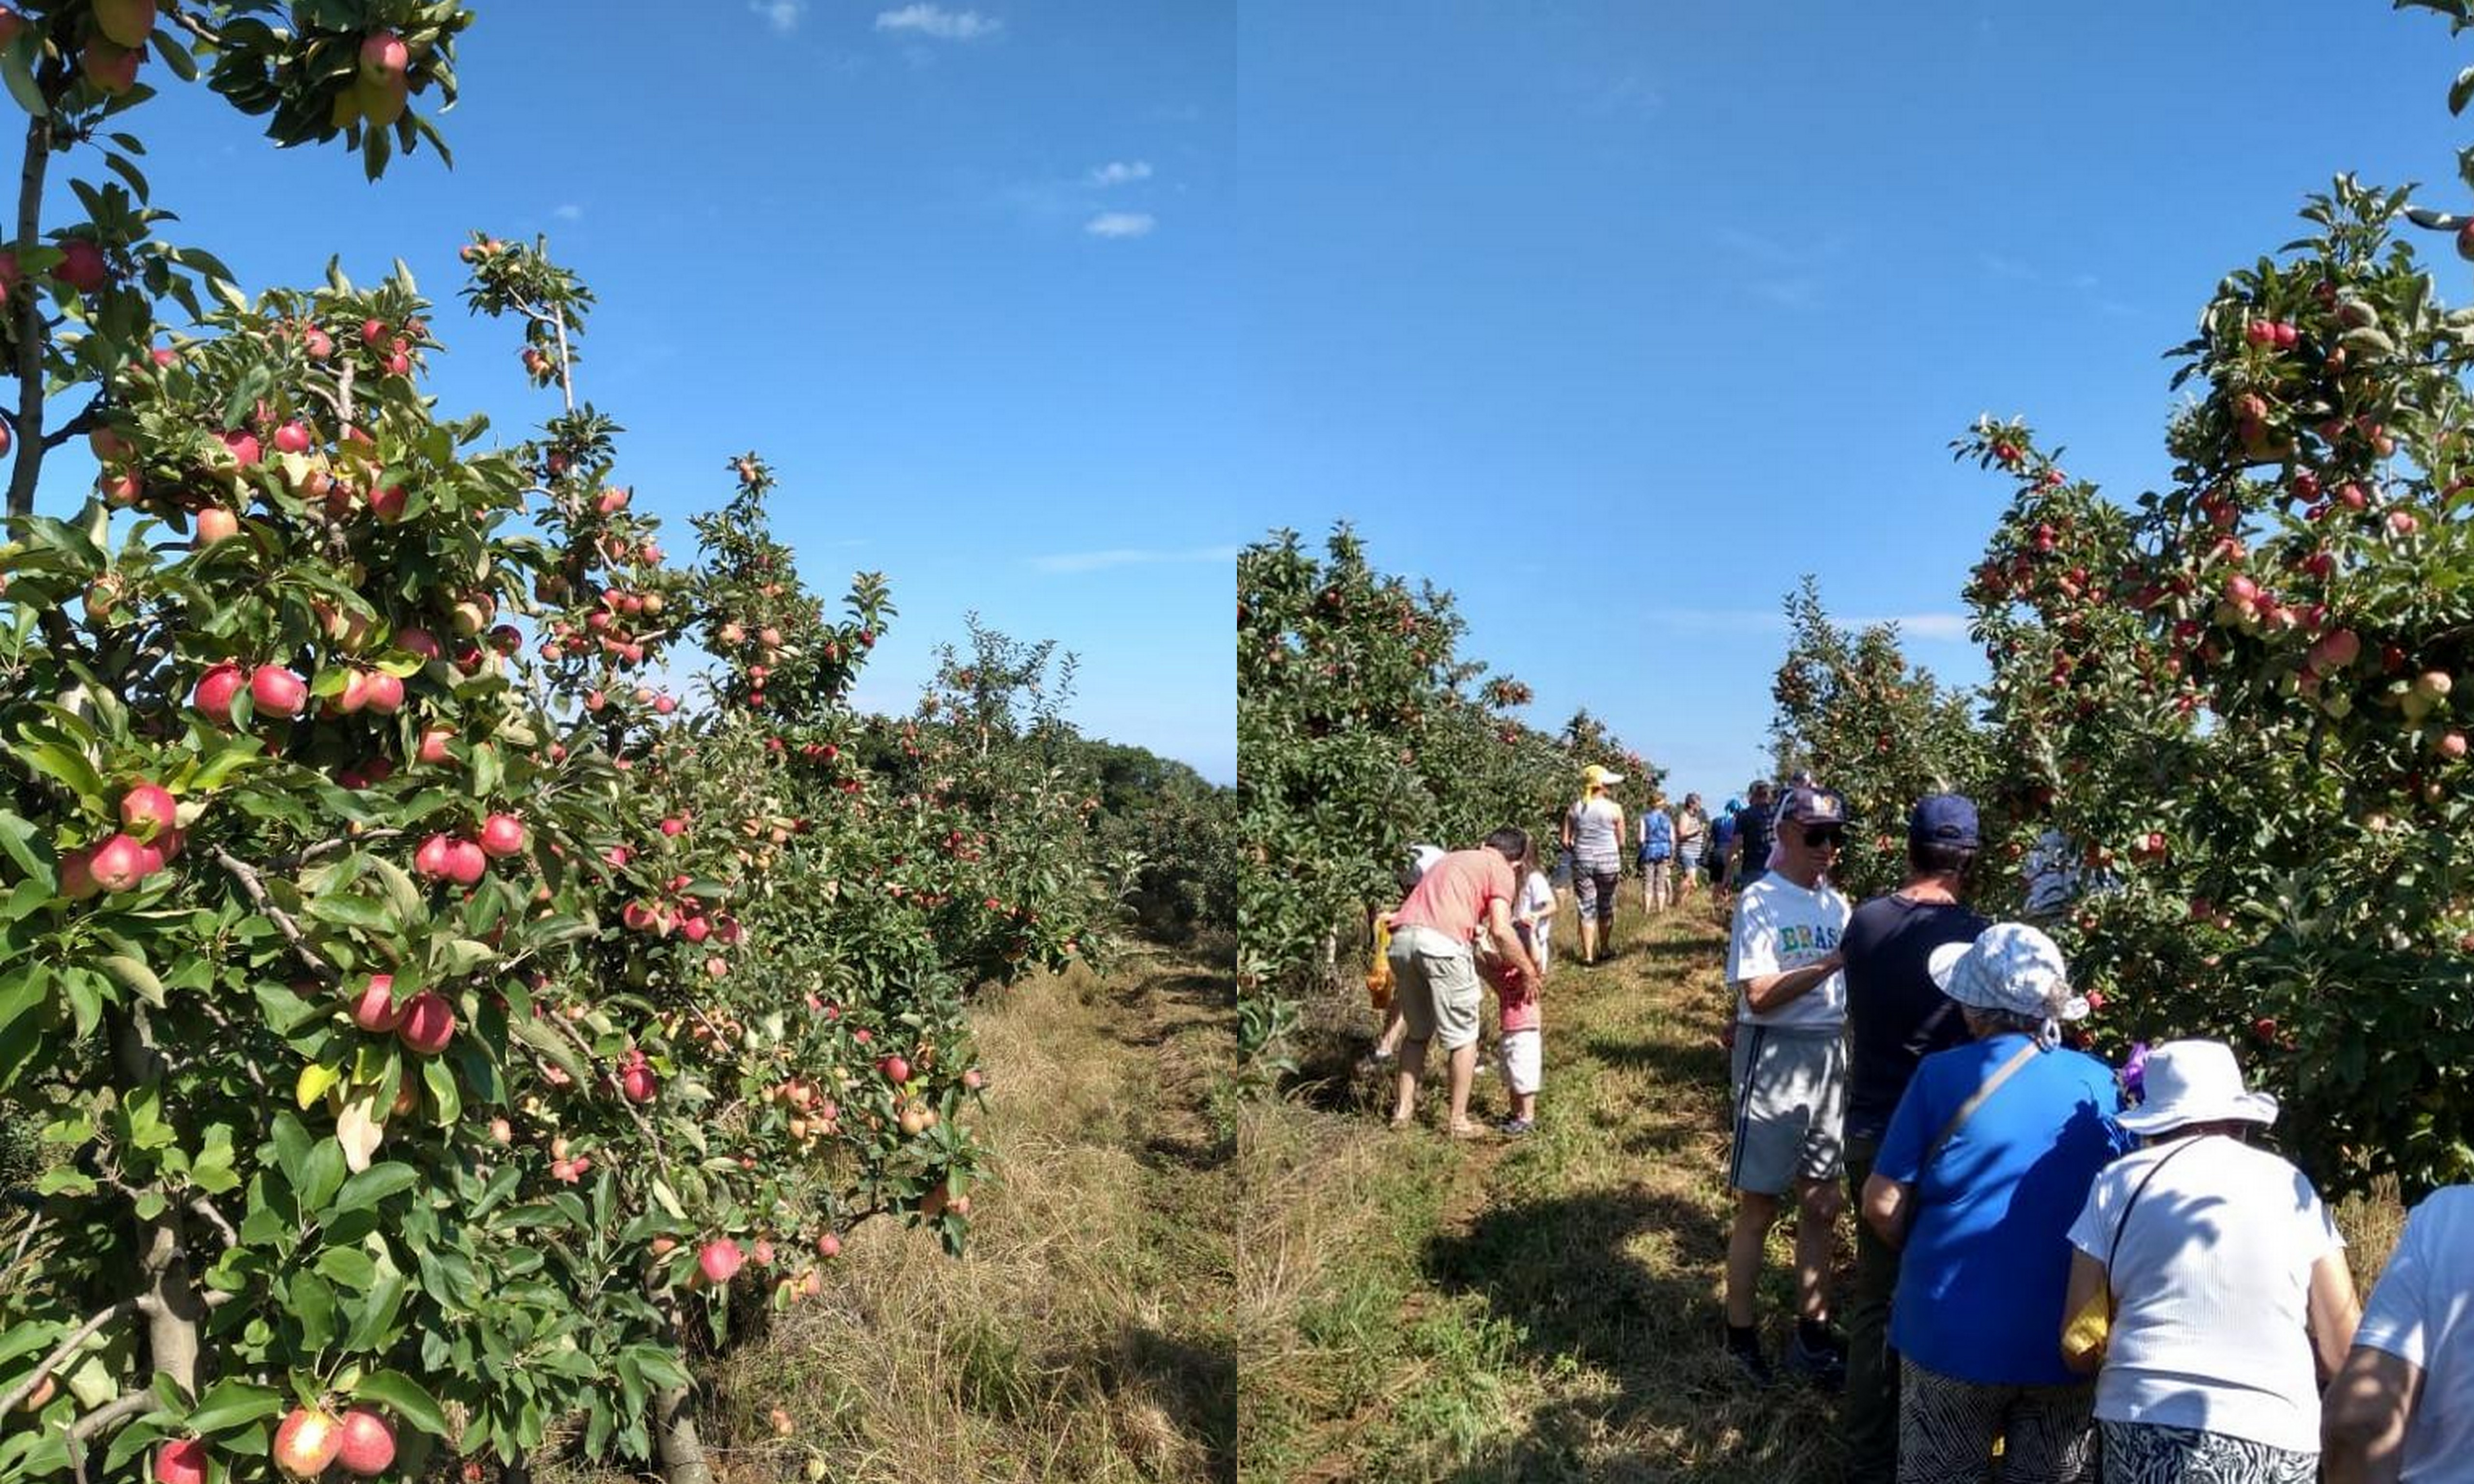 Colheita da maçã em Fraiburgo - turismoonline.net.br